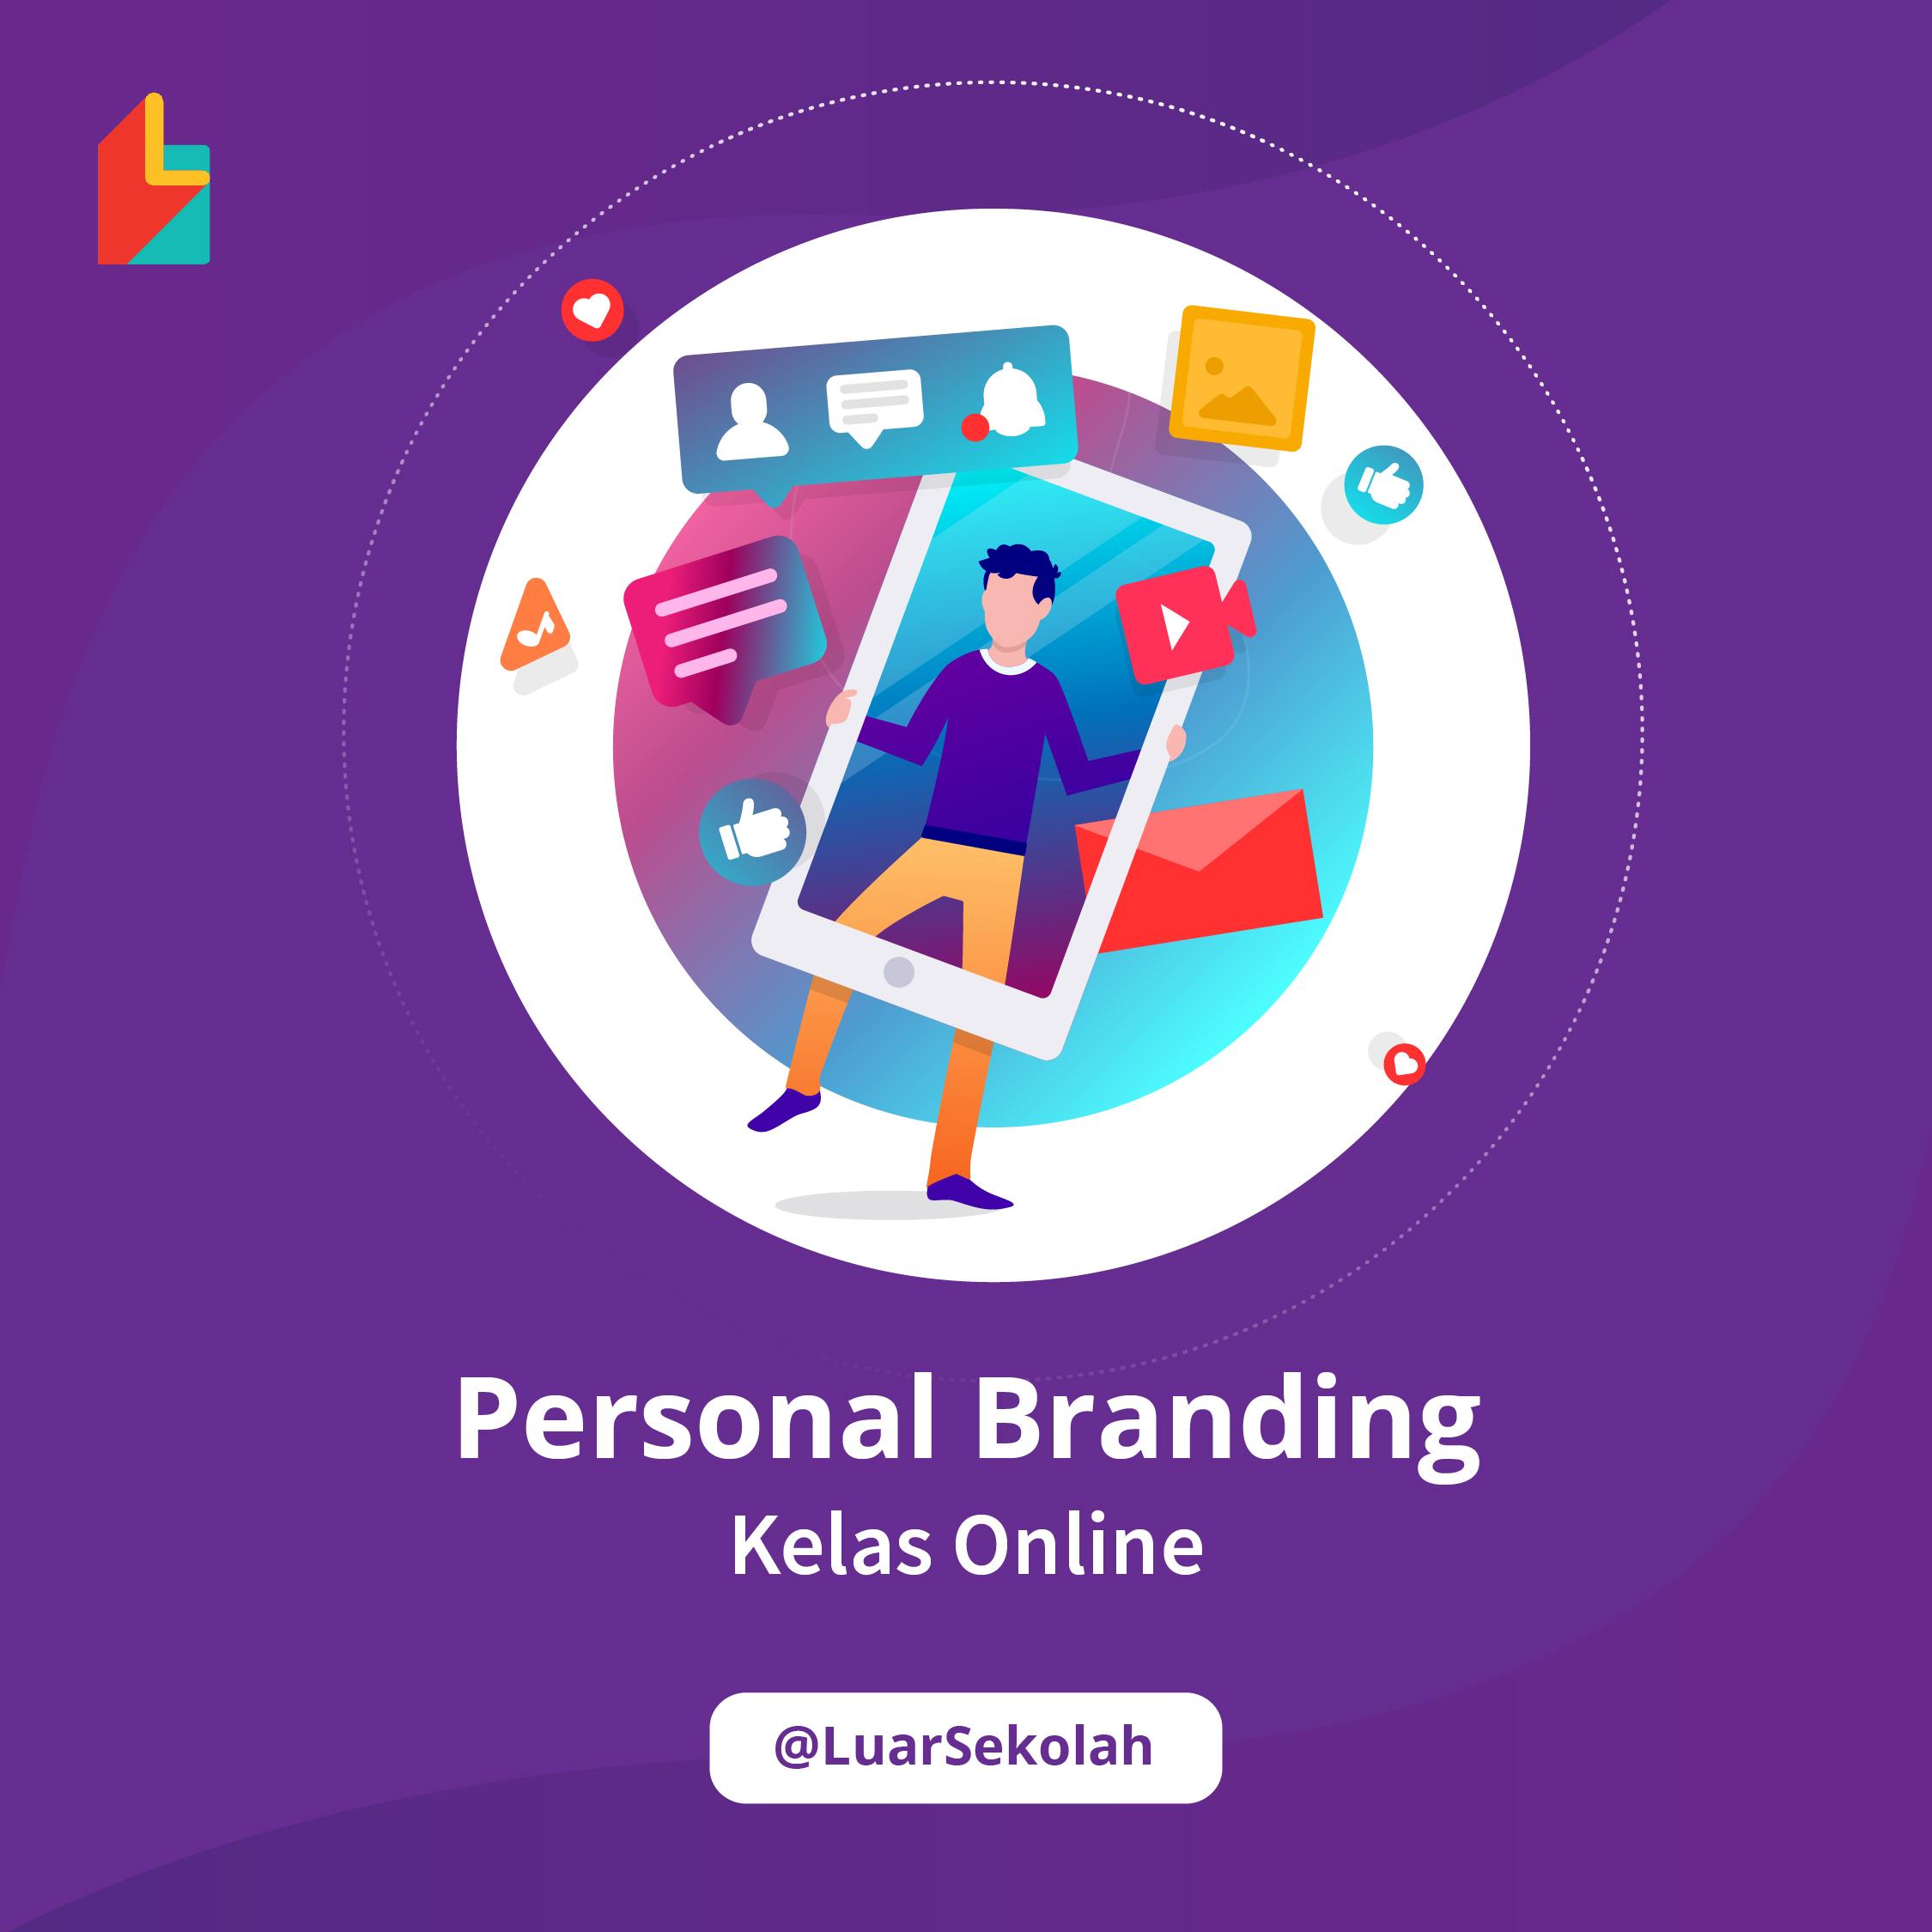 Personal Branding - Kelas di Luarsekolah